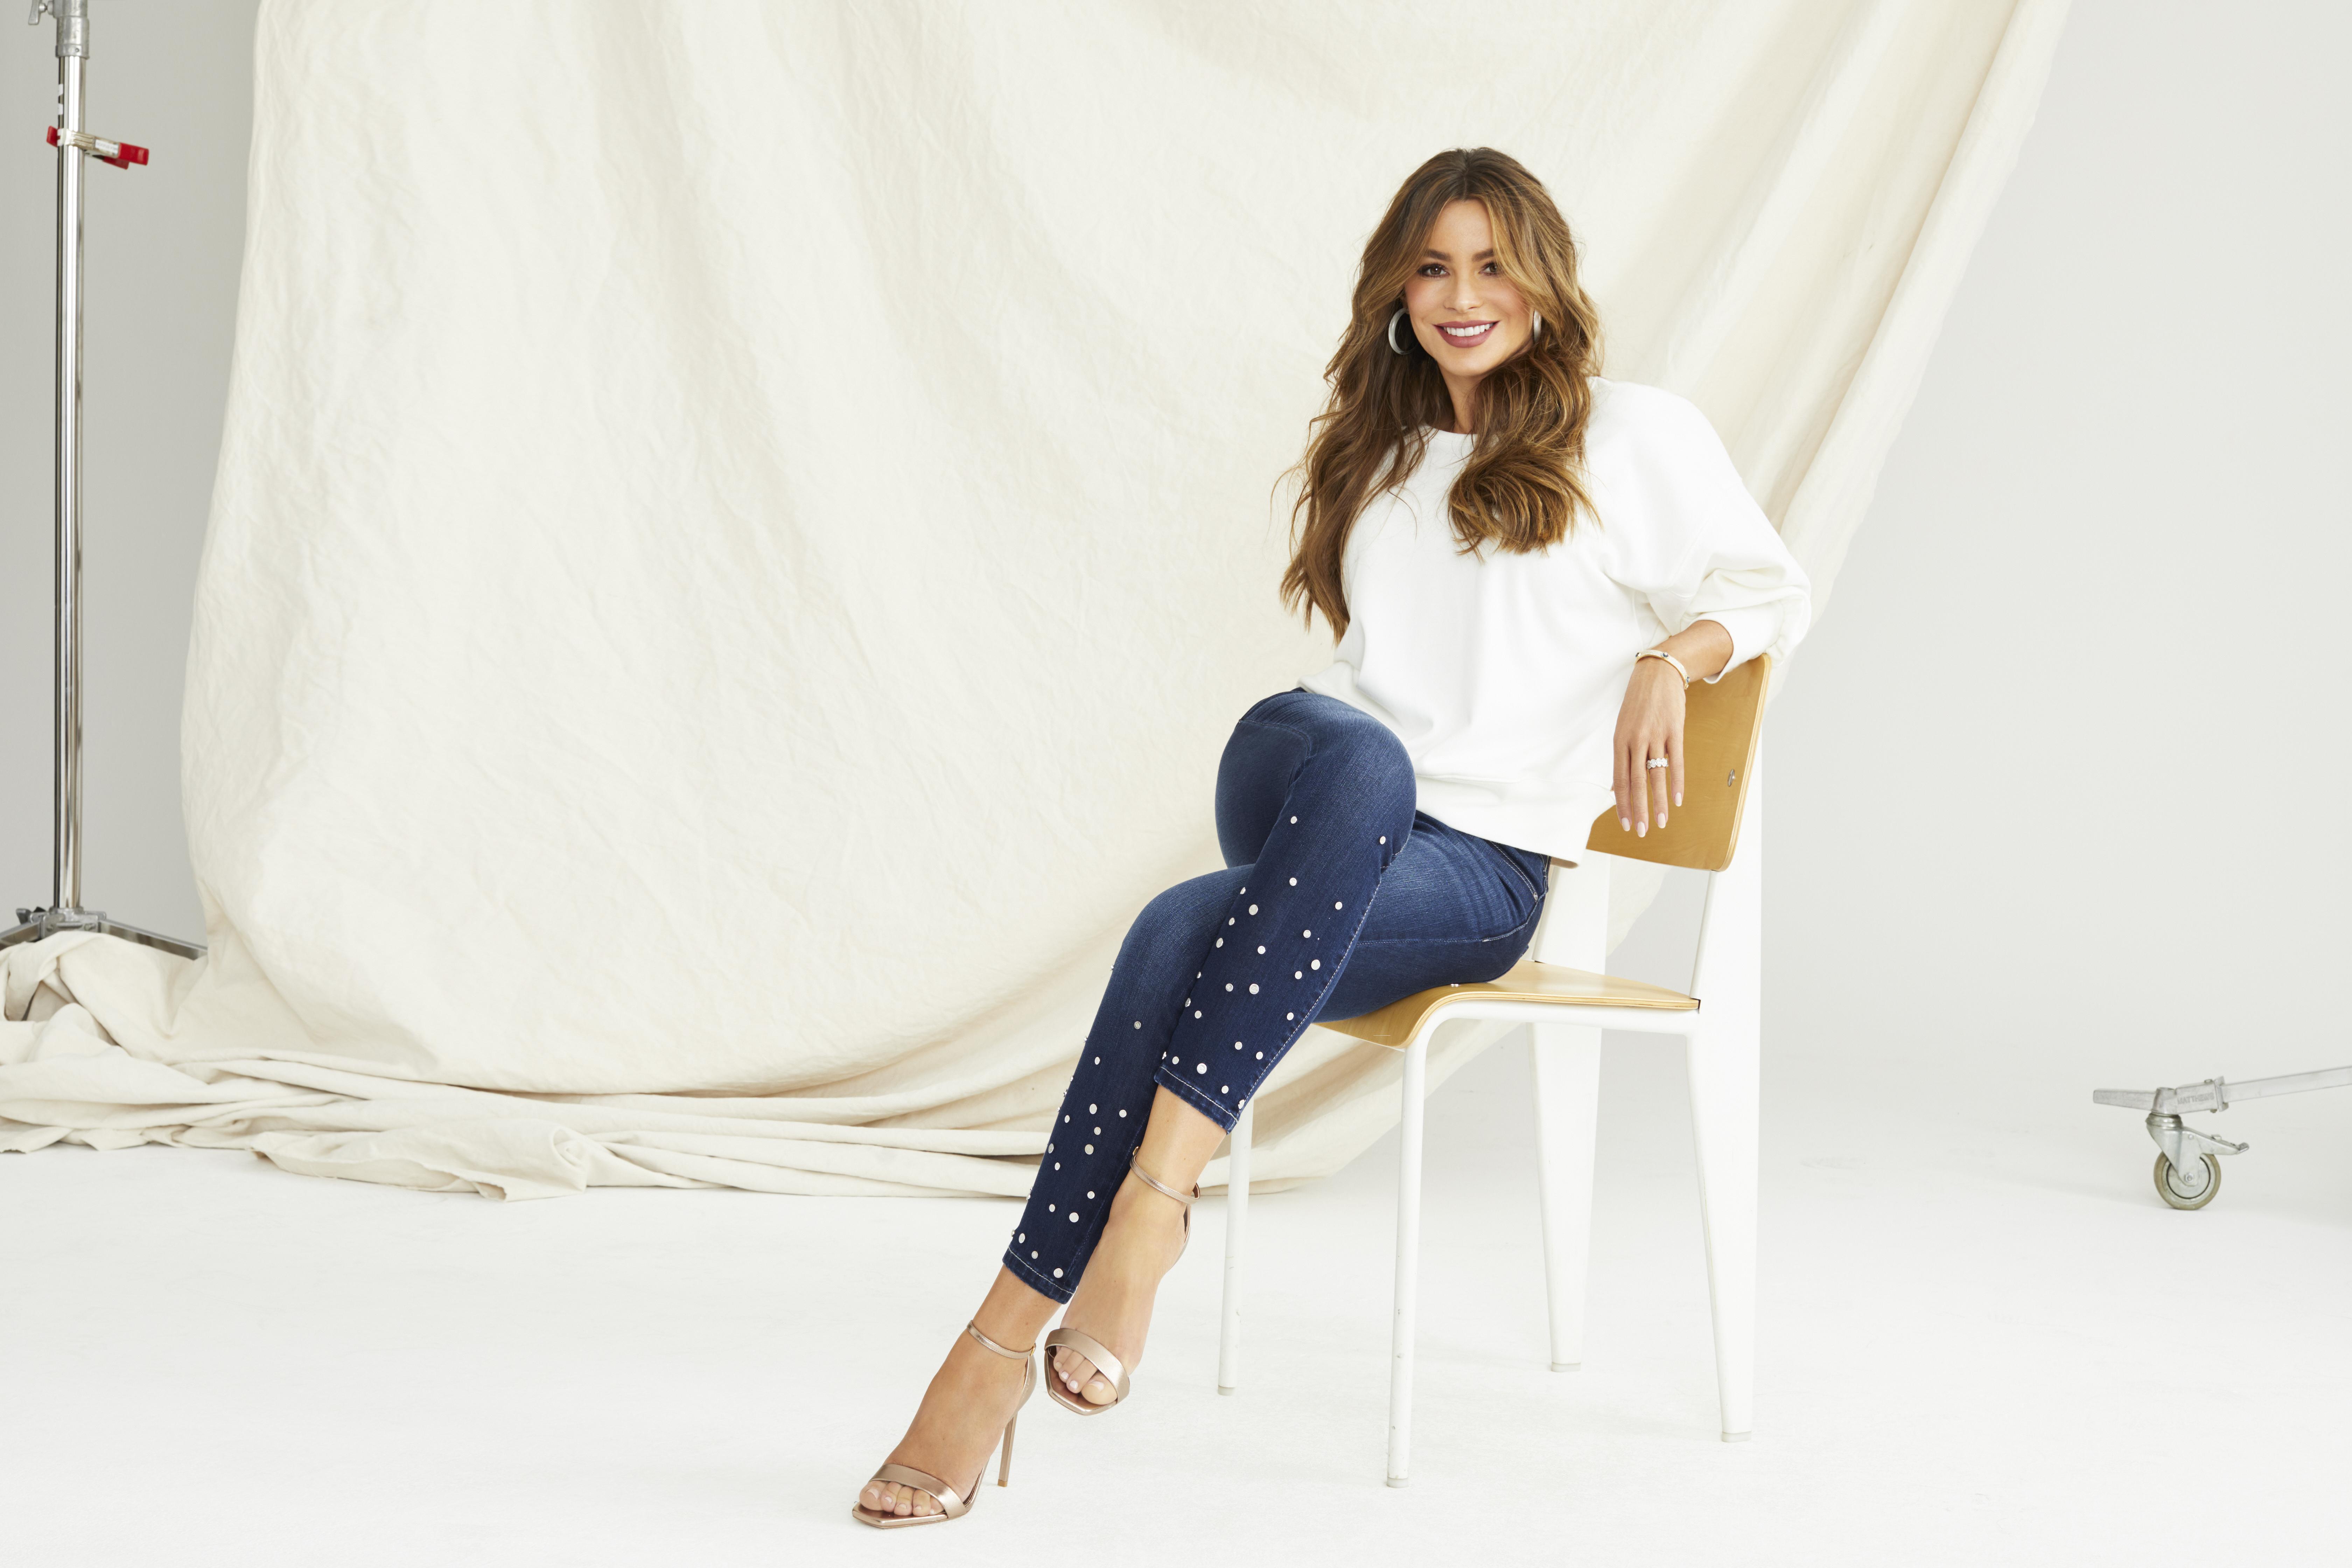 Sofia Vergara Jeans